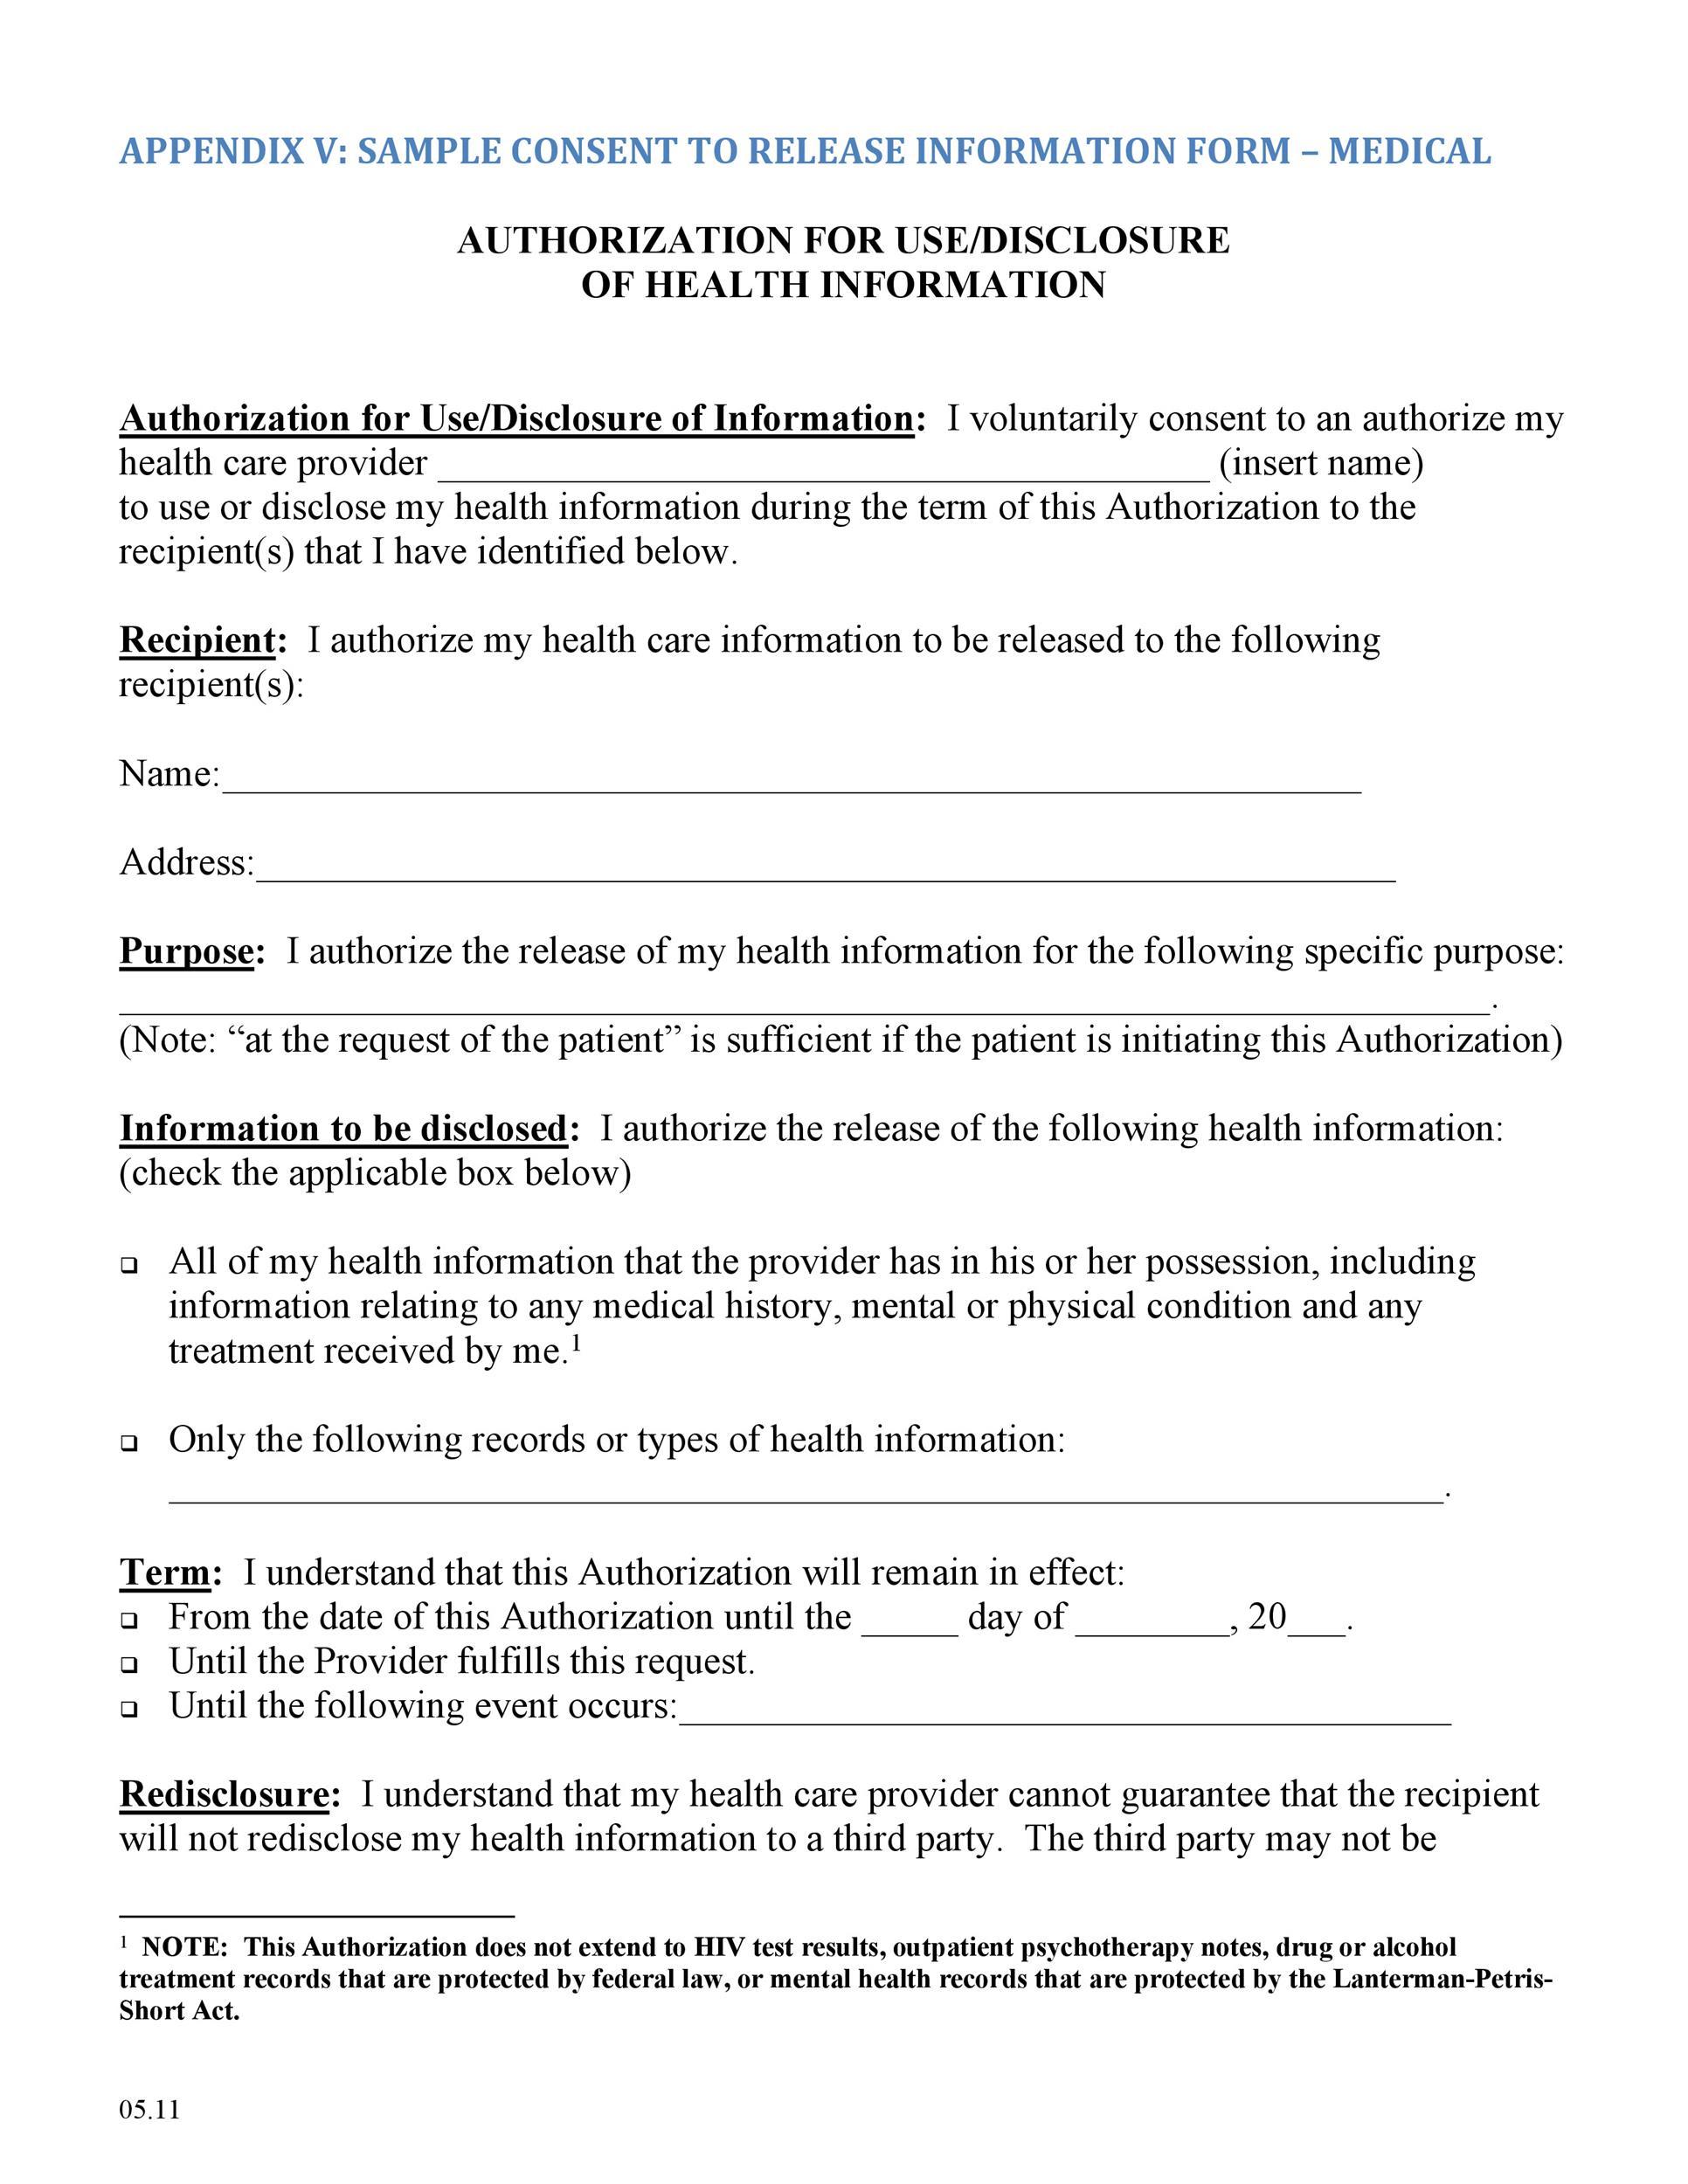 Medical Release Form 01